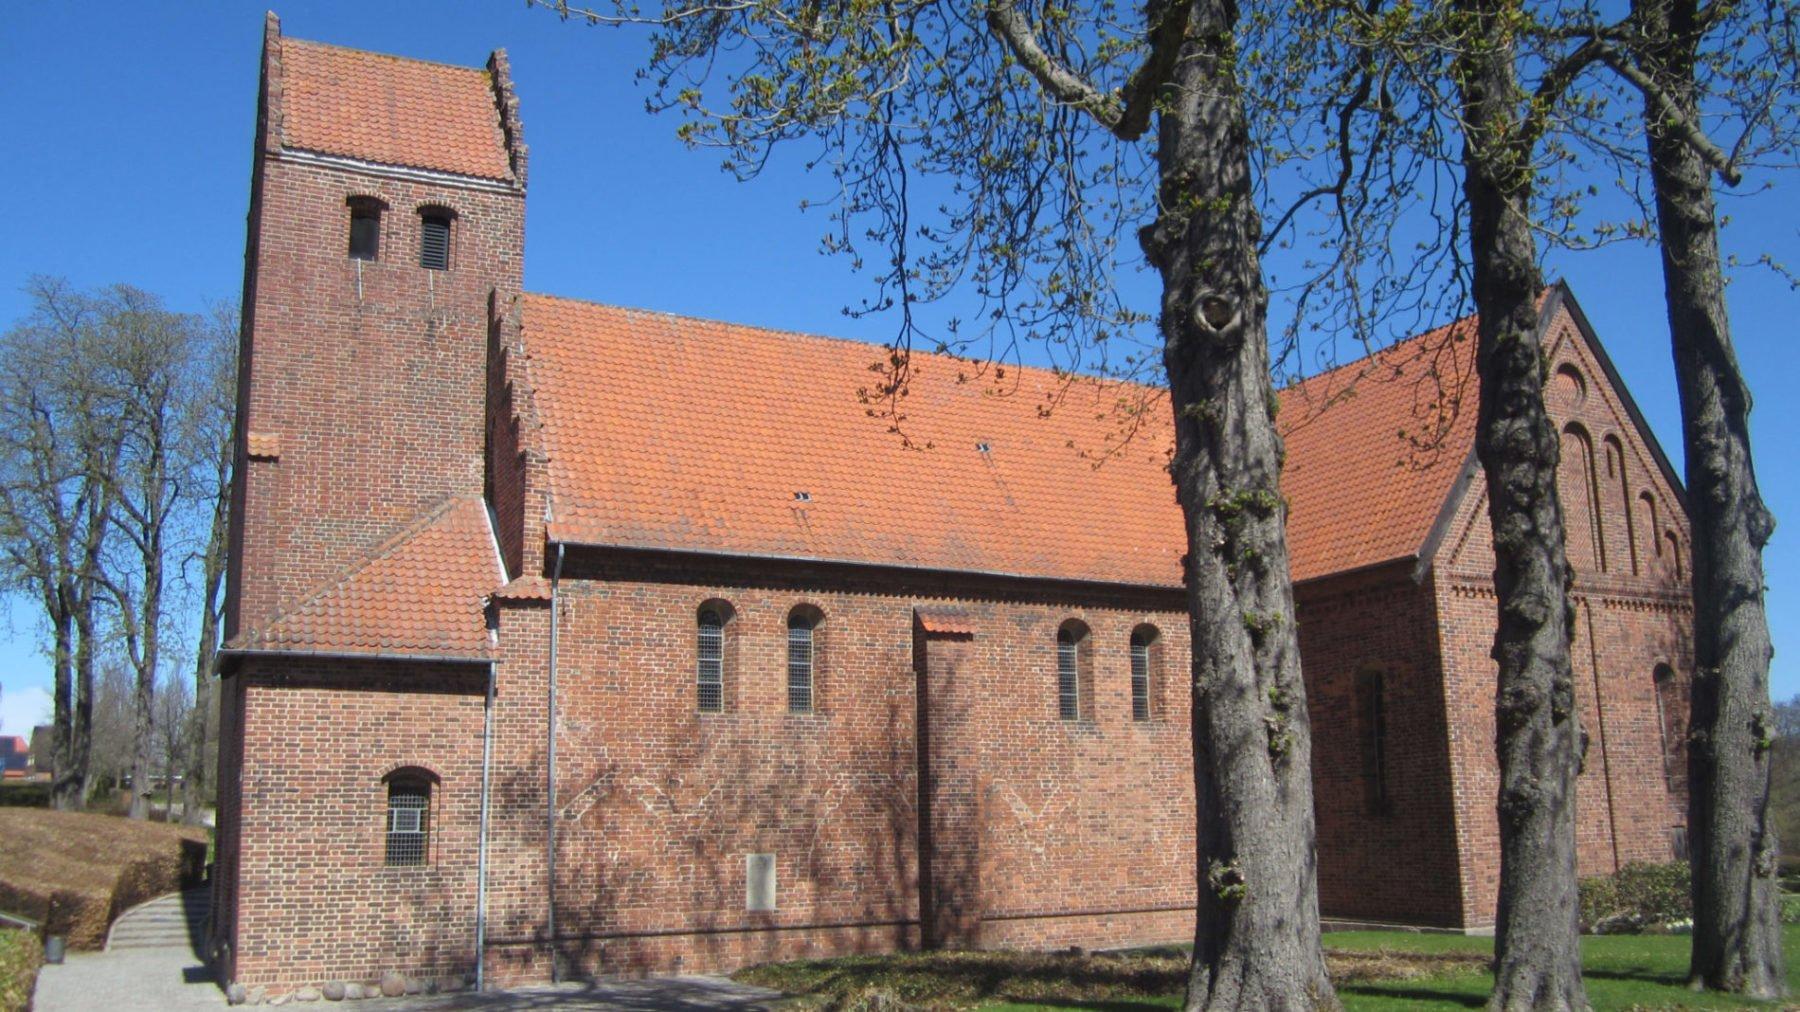 Danmarks største kirke